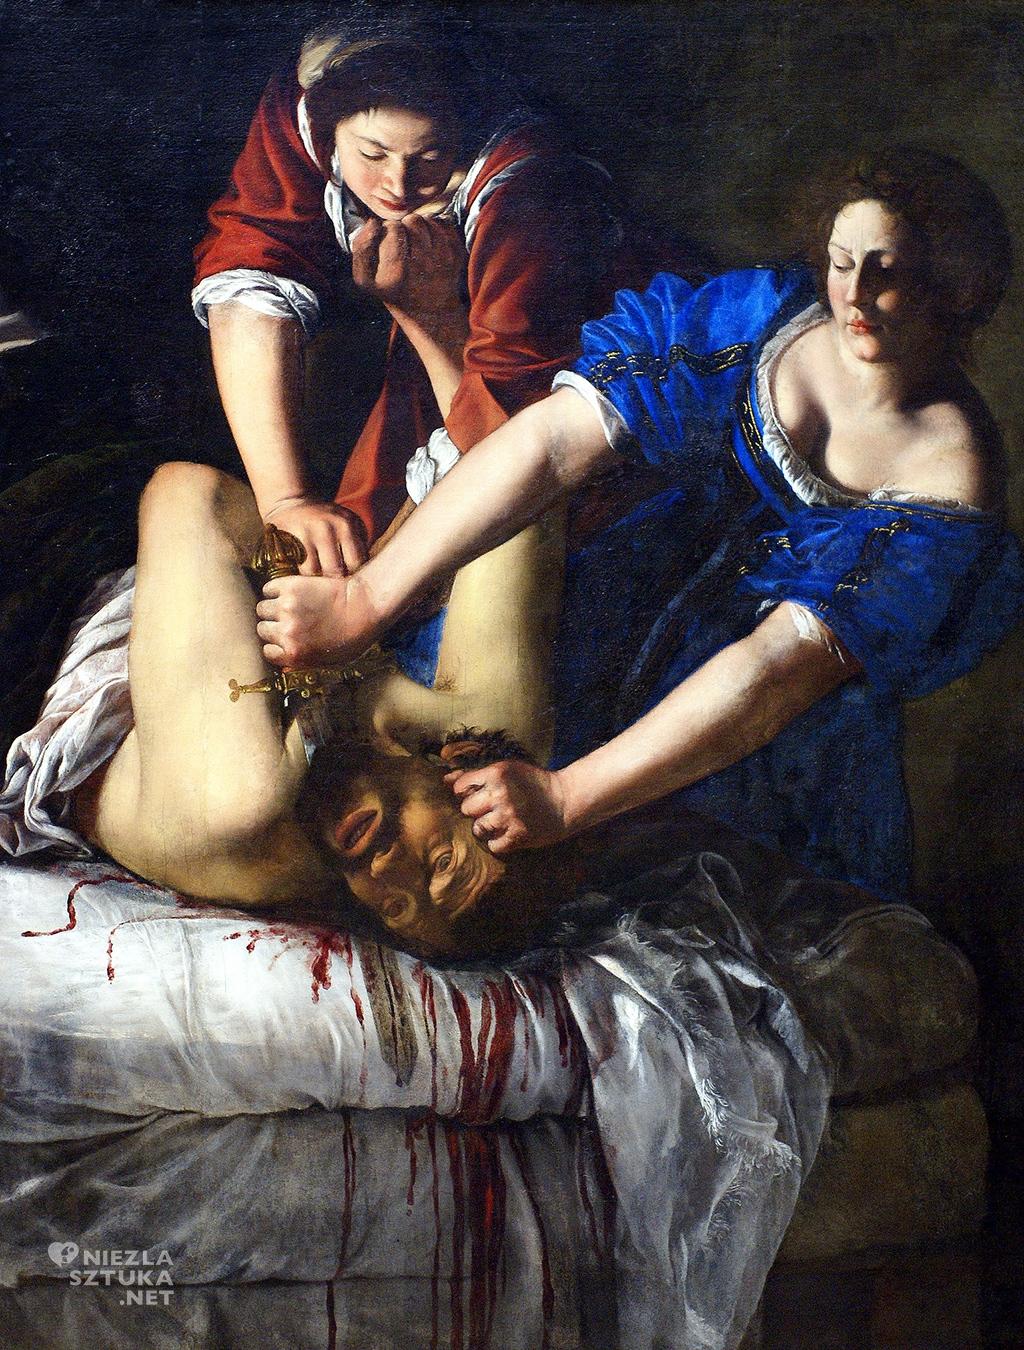 Artemisia Gentileschi, Judyta, Holofernes, niezła sztuka